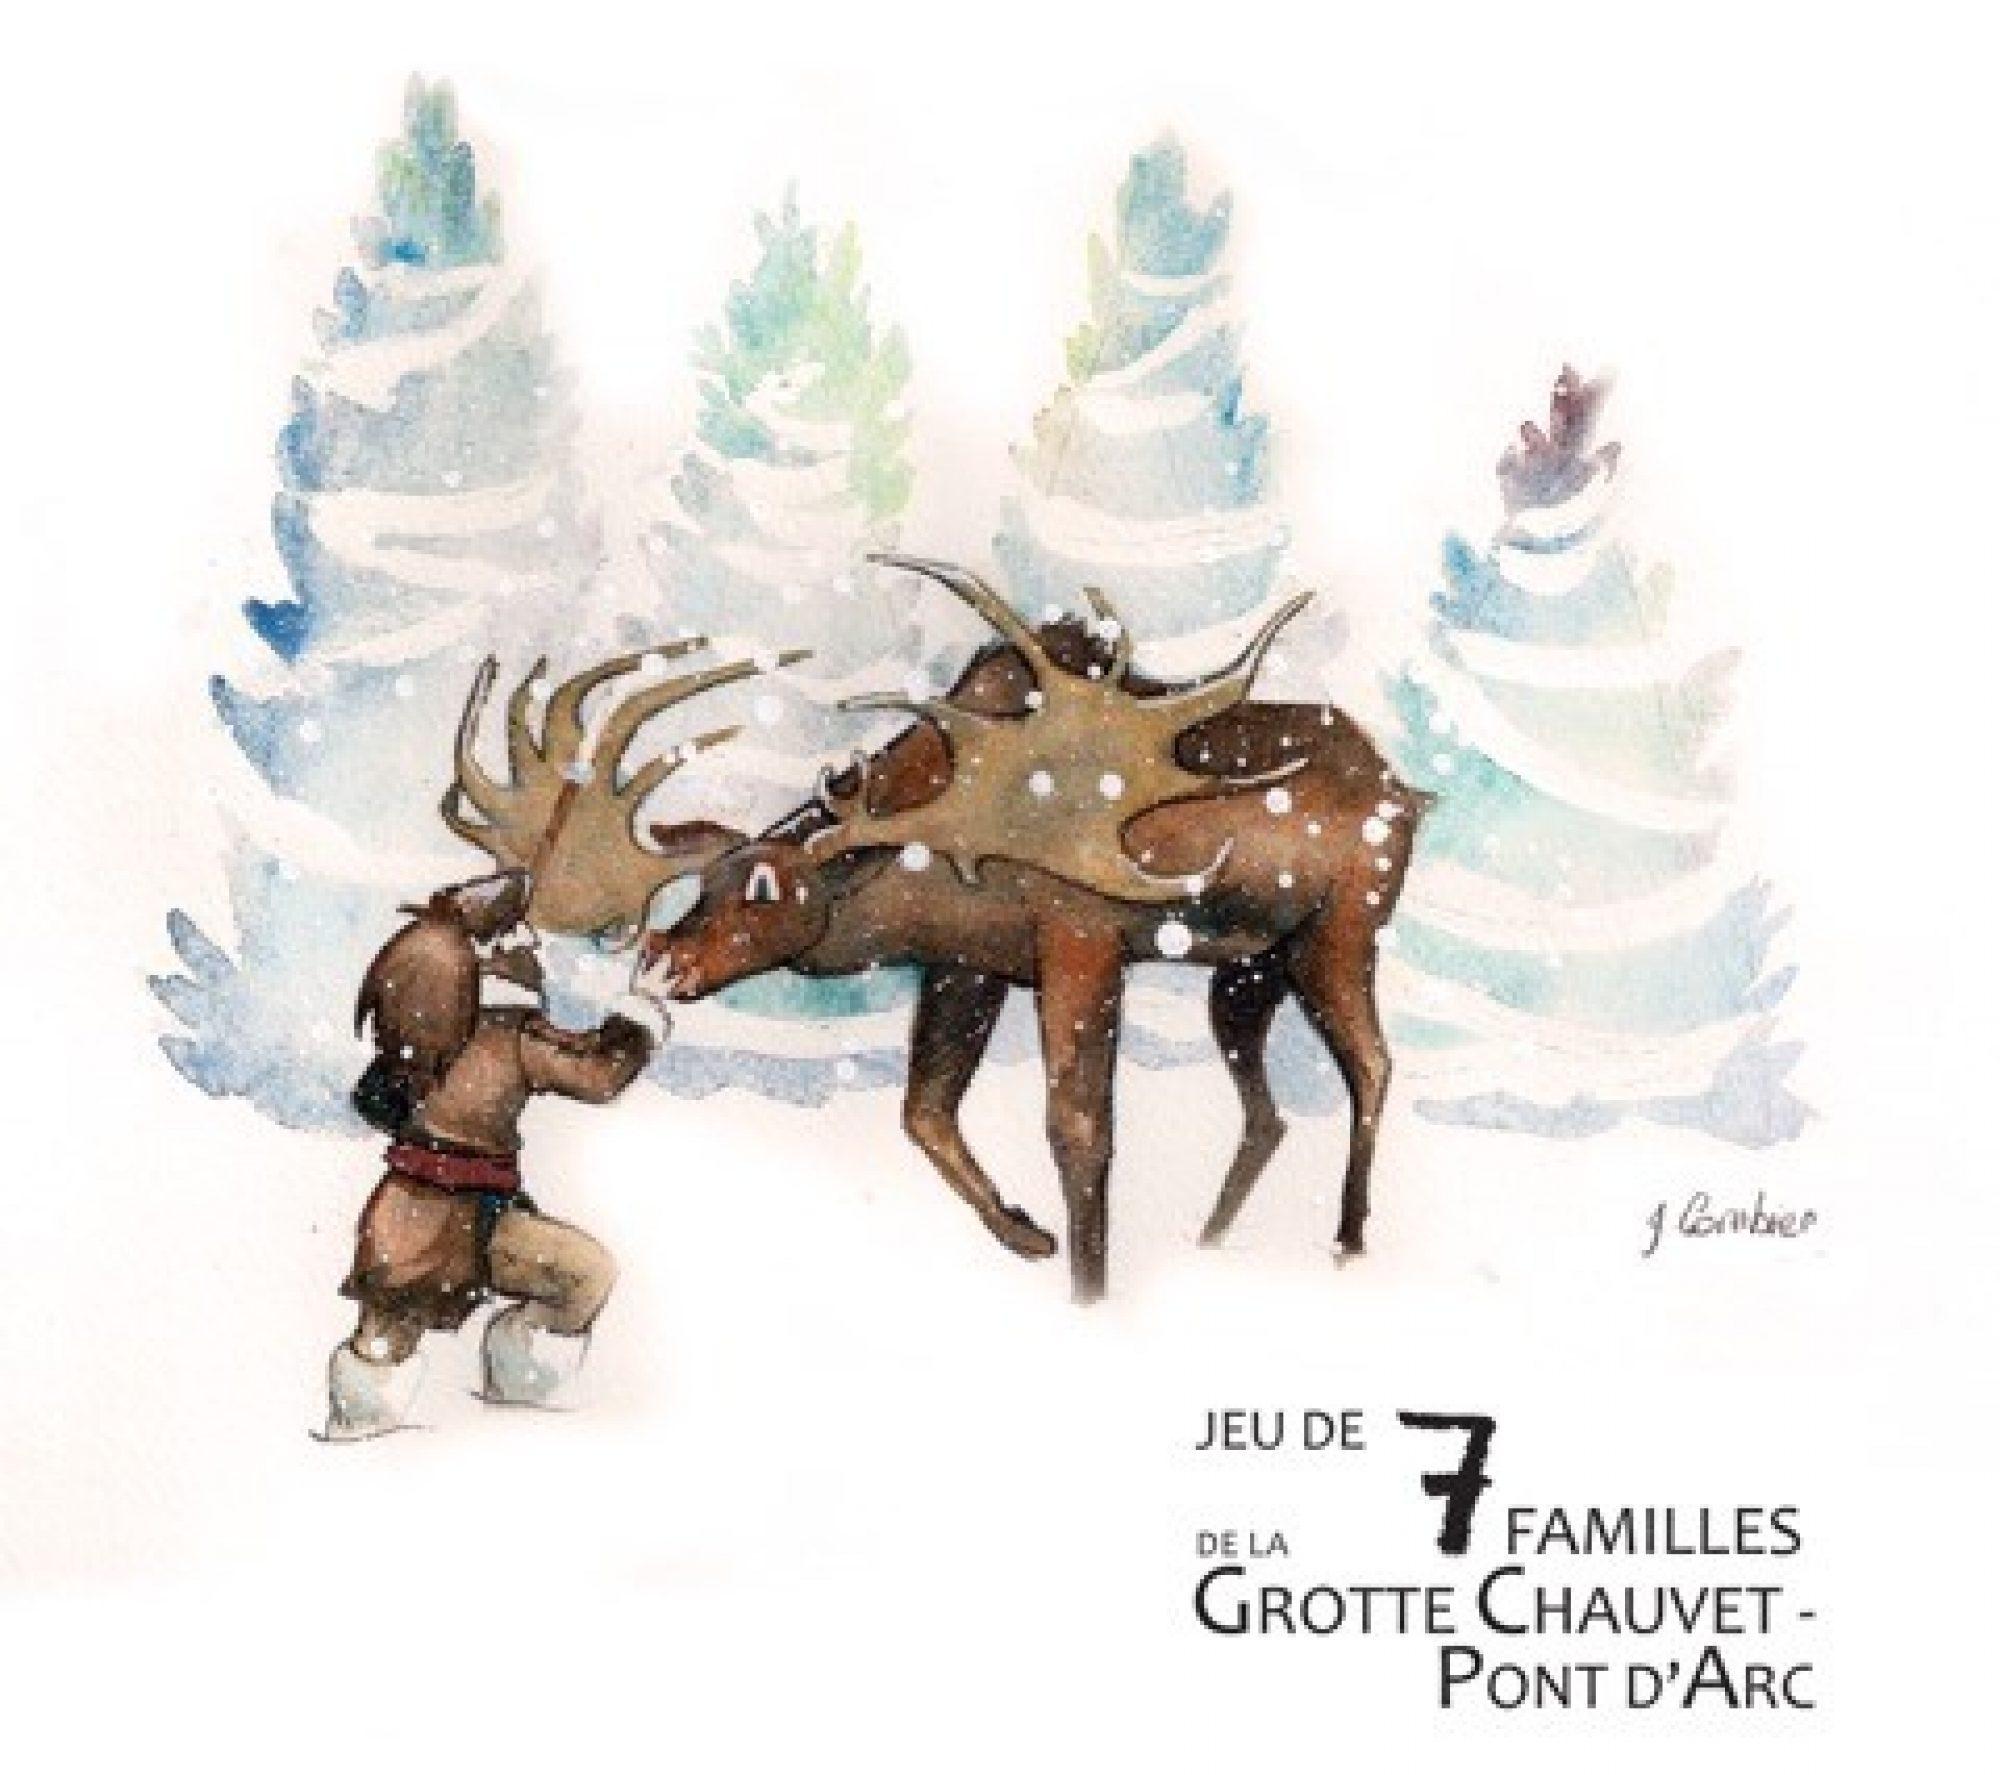 Jeu de 7 familles de la Grotte Chauvet Pont d'Arc